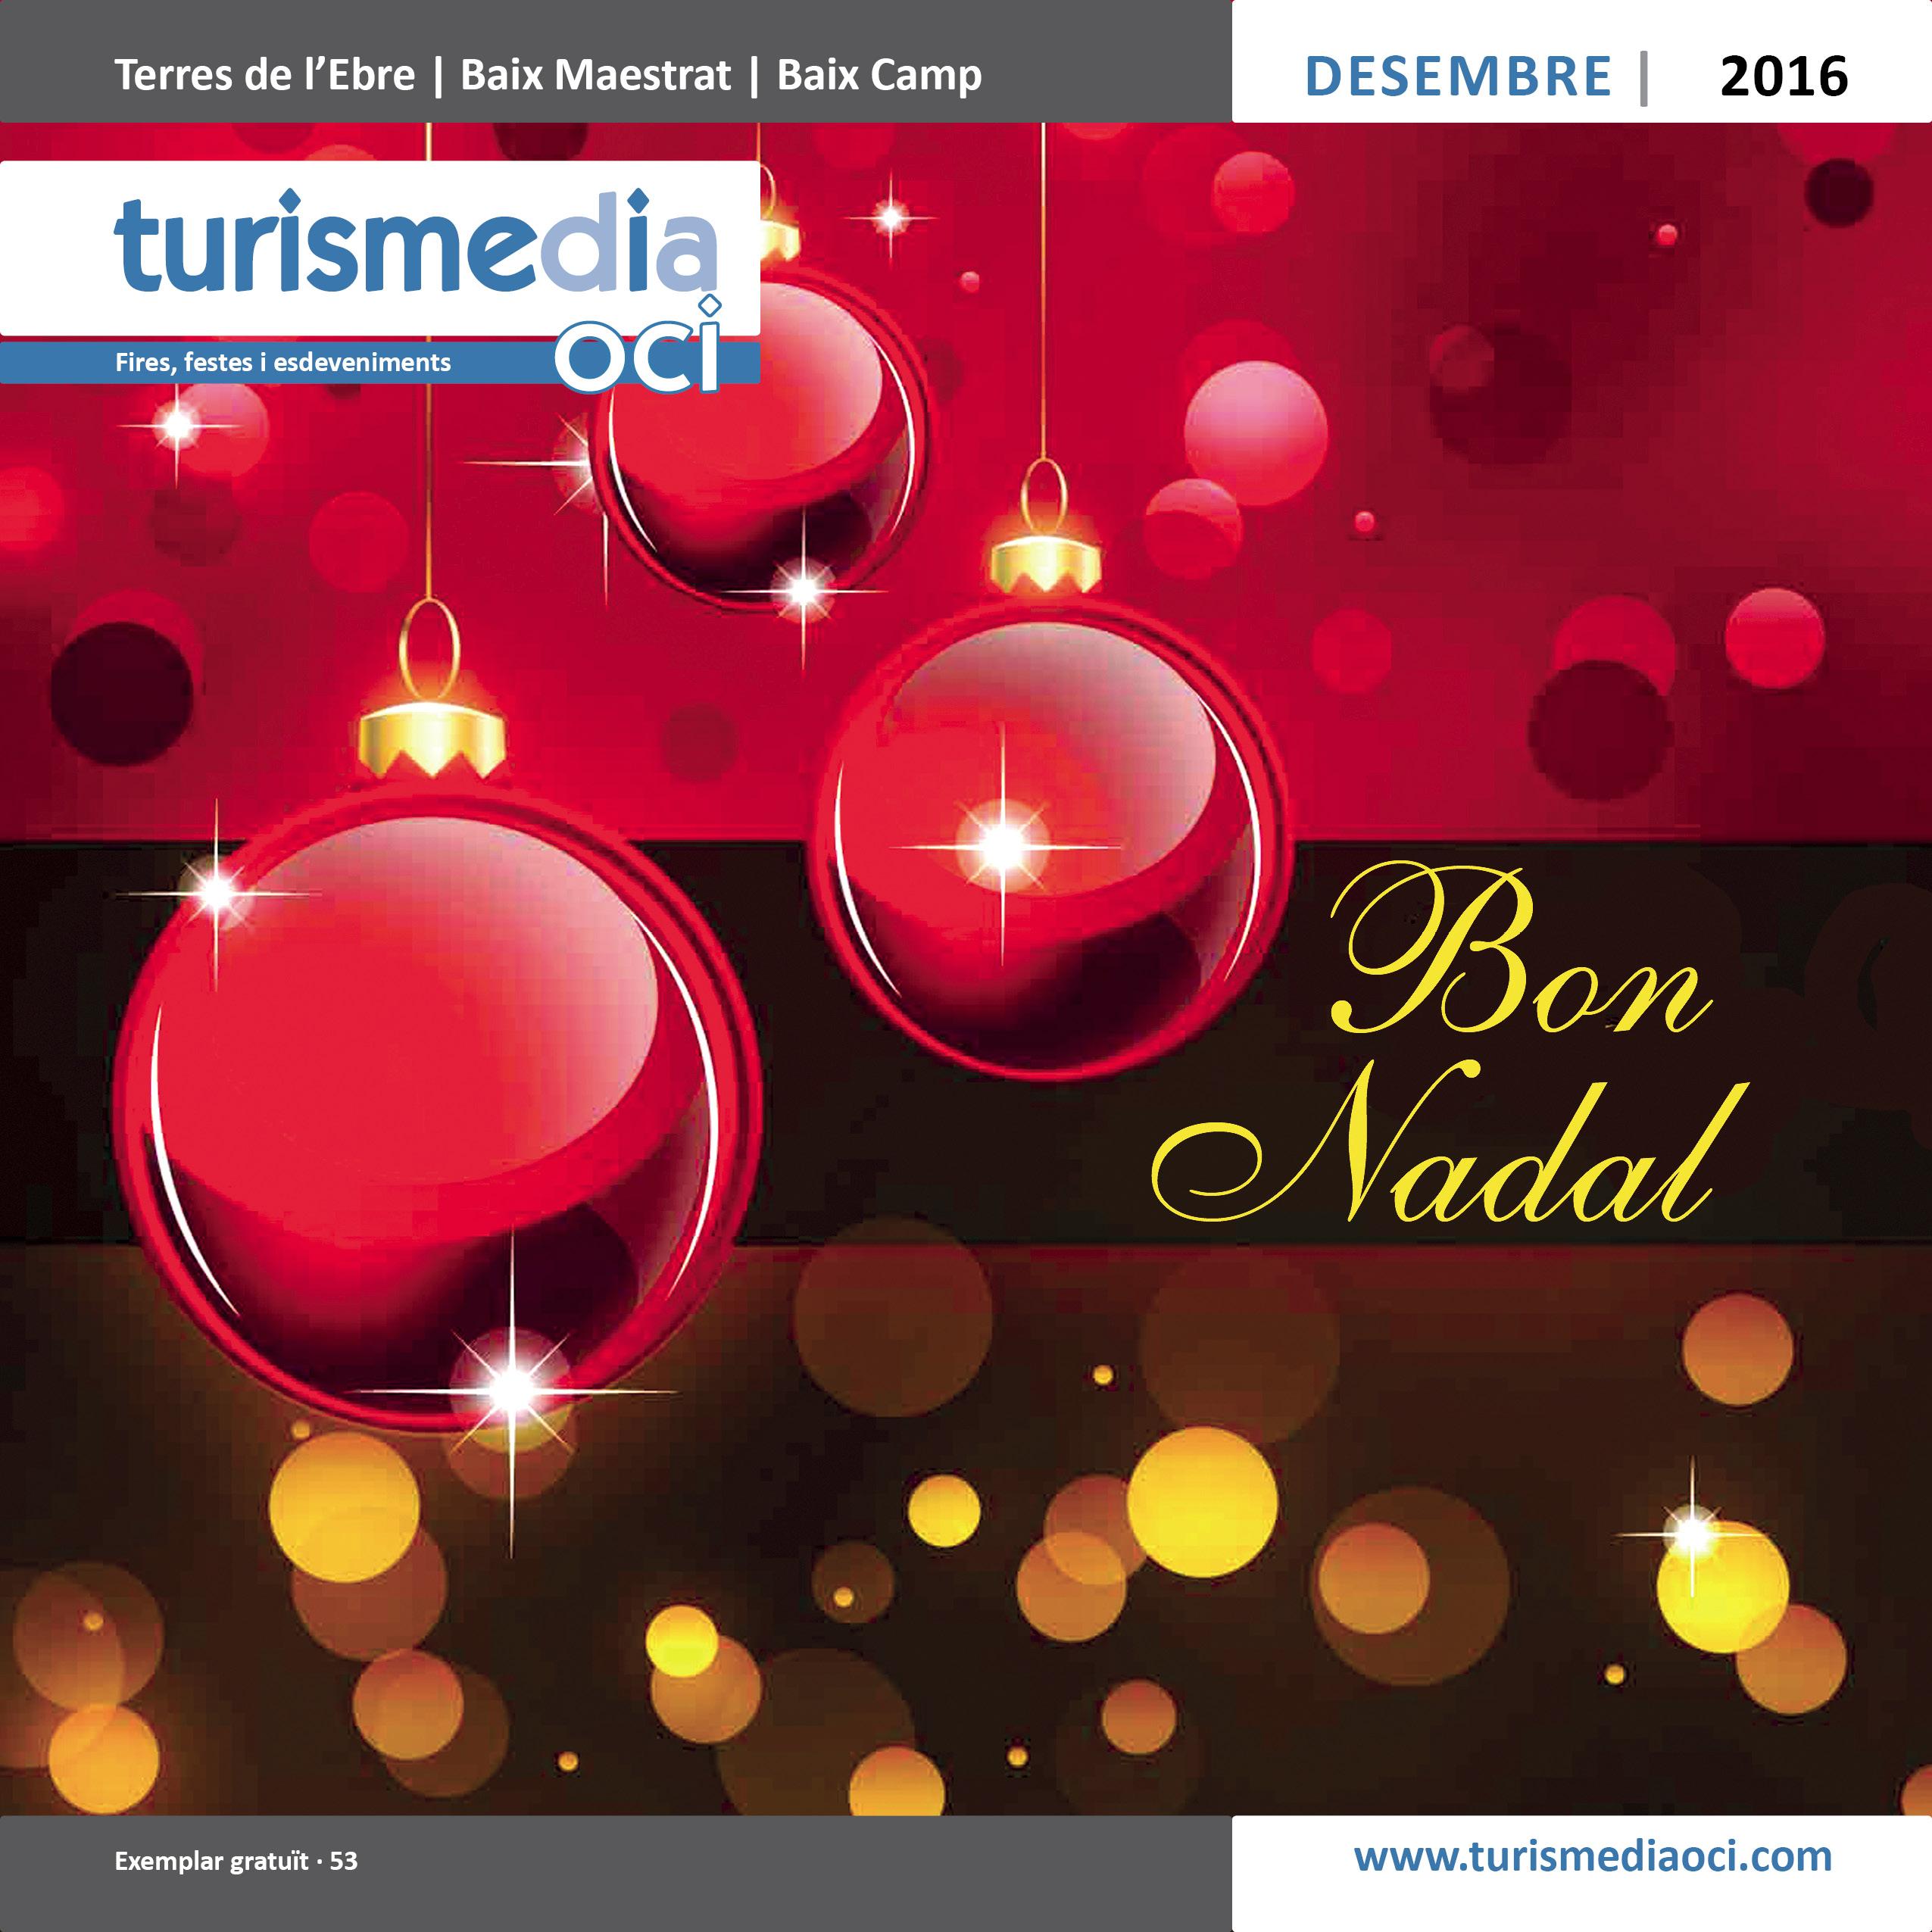 turismediaoci-desembre-2016